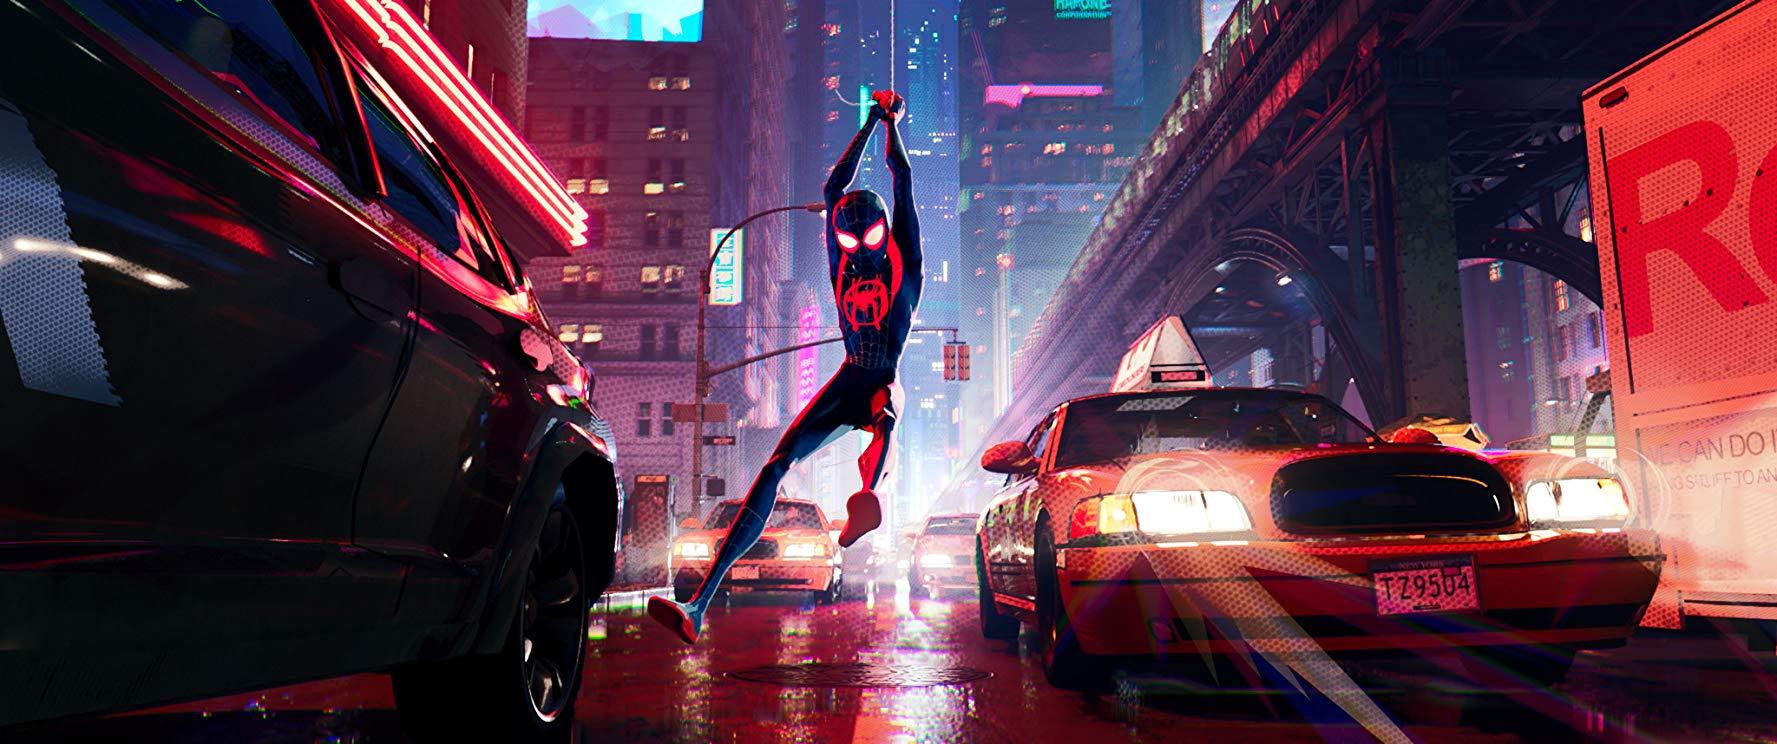 Homem-Aranha: No Universo Aranha